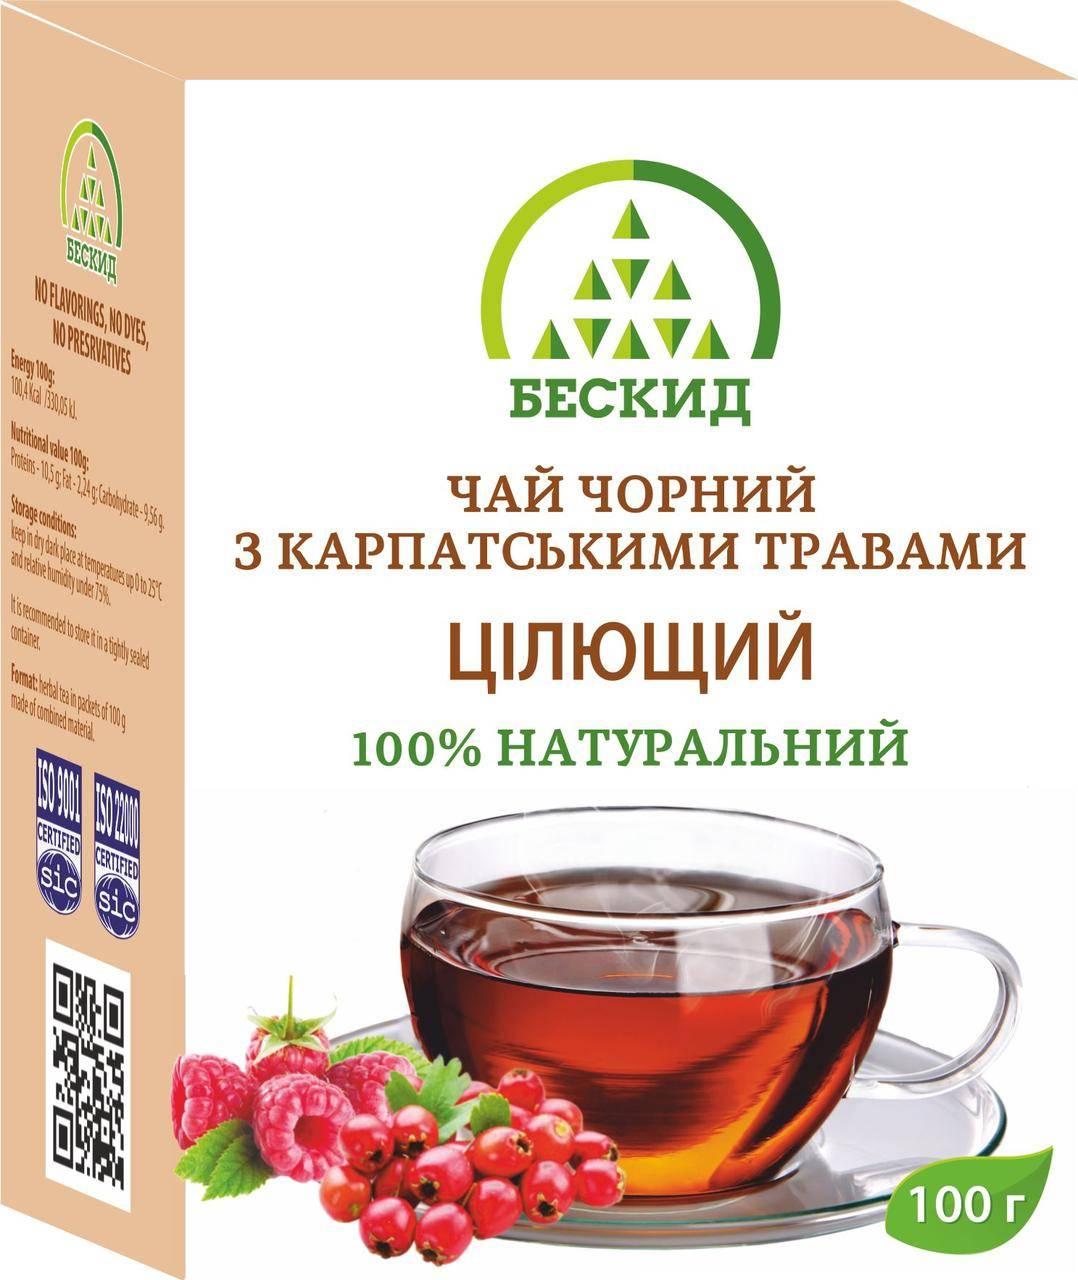 Иван чай при сахарном диабете 2 типа: можно ли его пить для снижения сахара